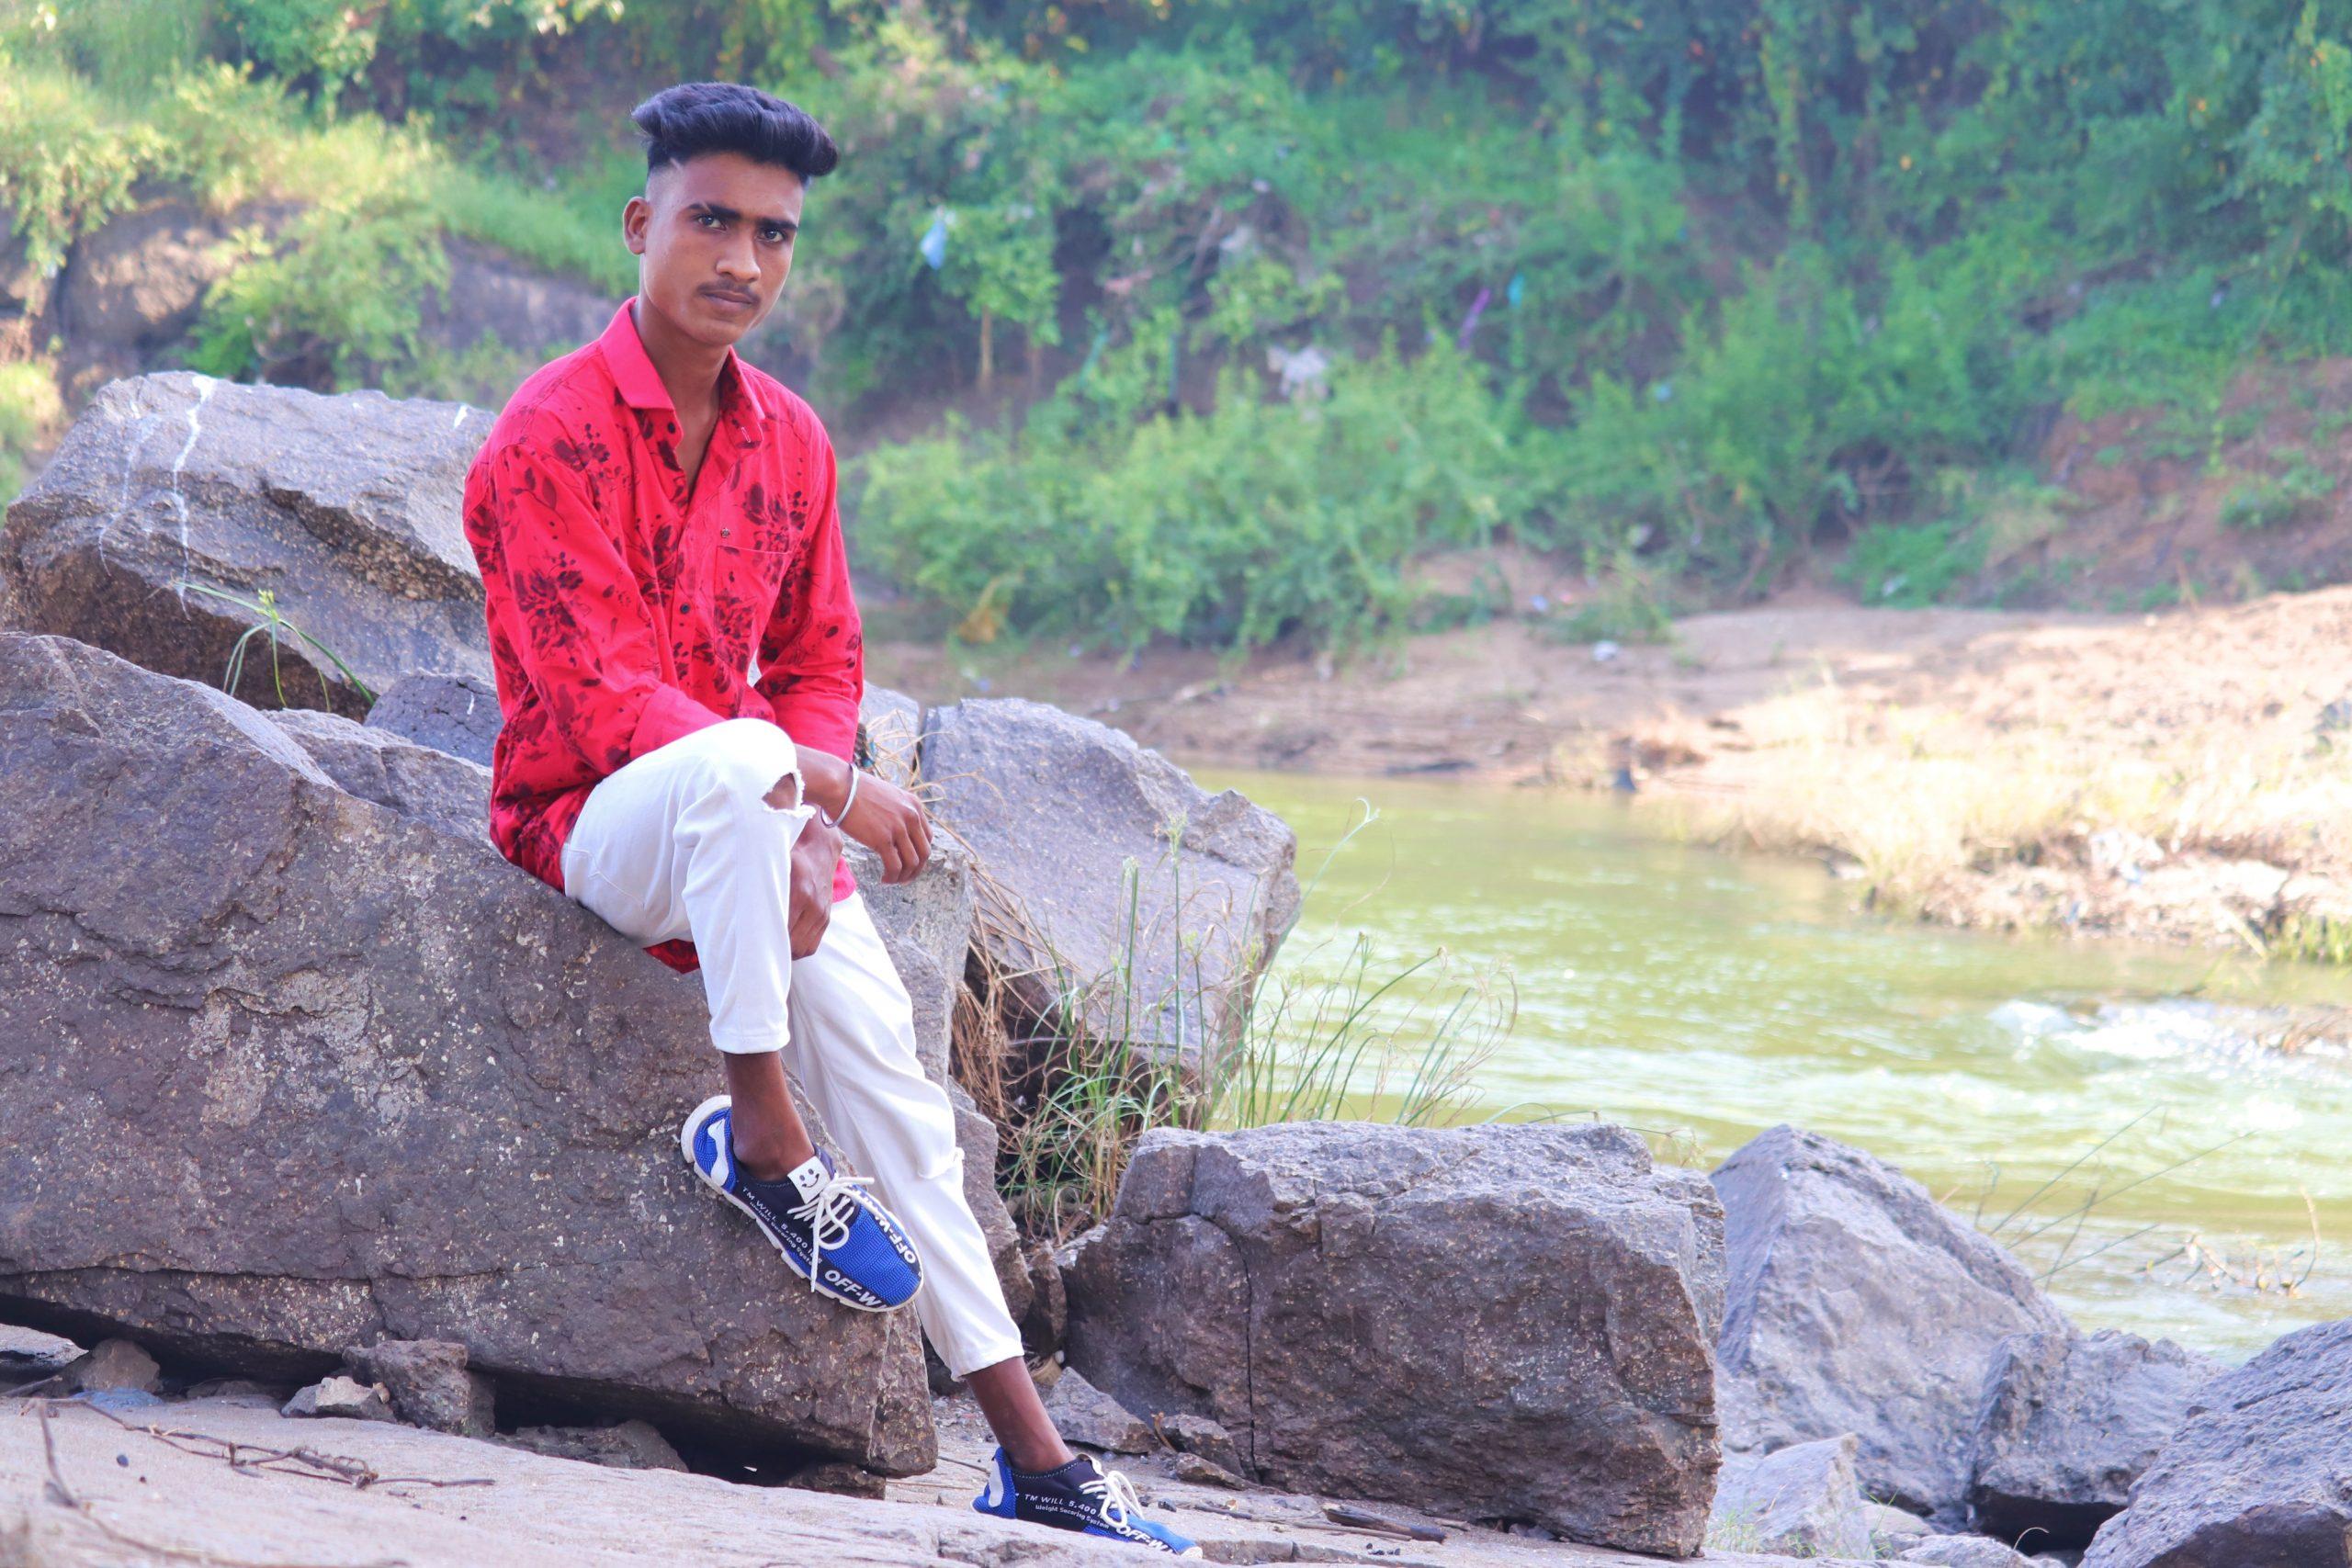 Stylish boy posing while sitting on rock